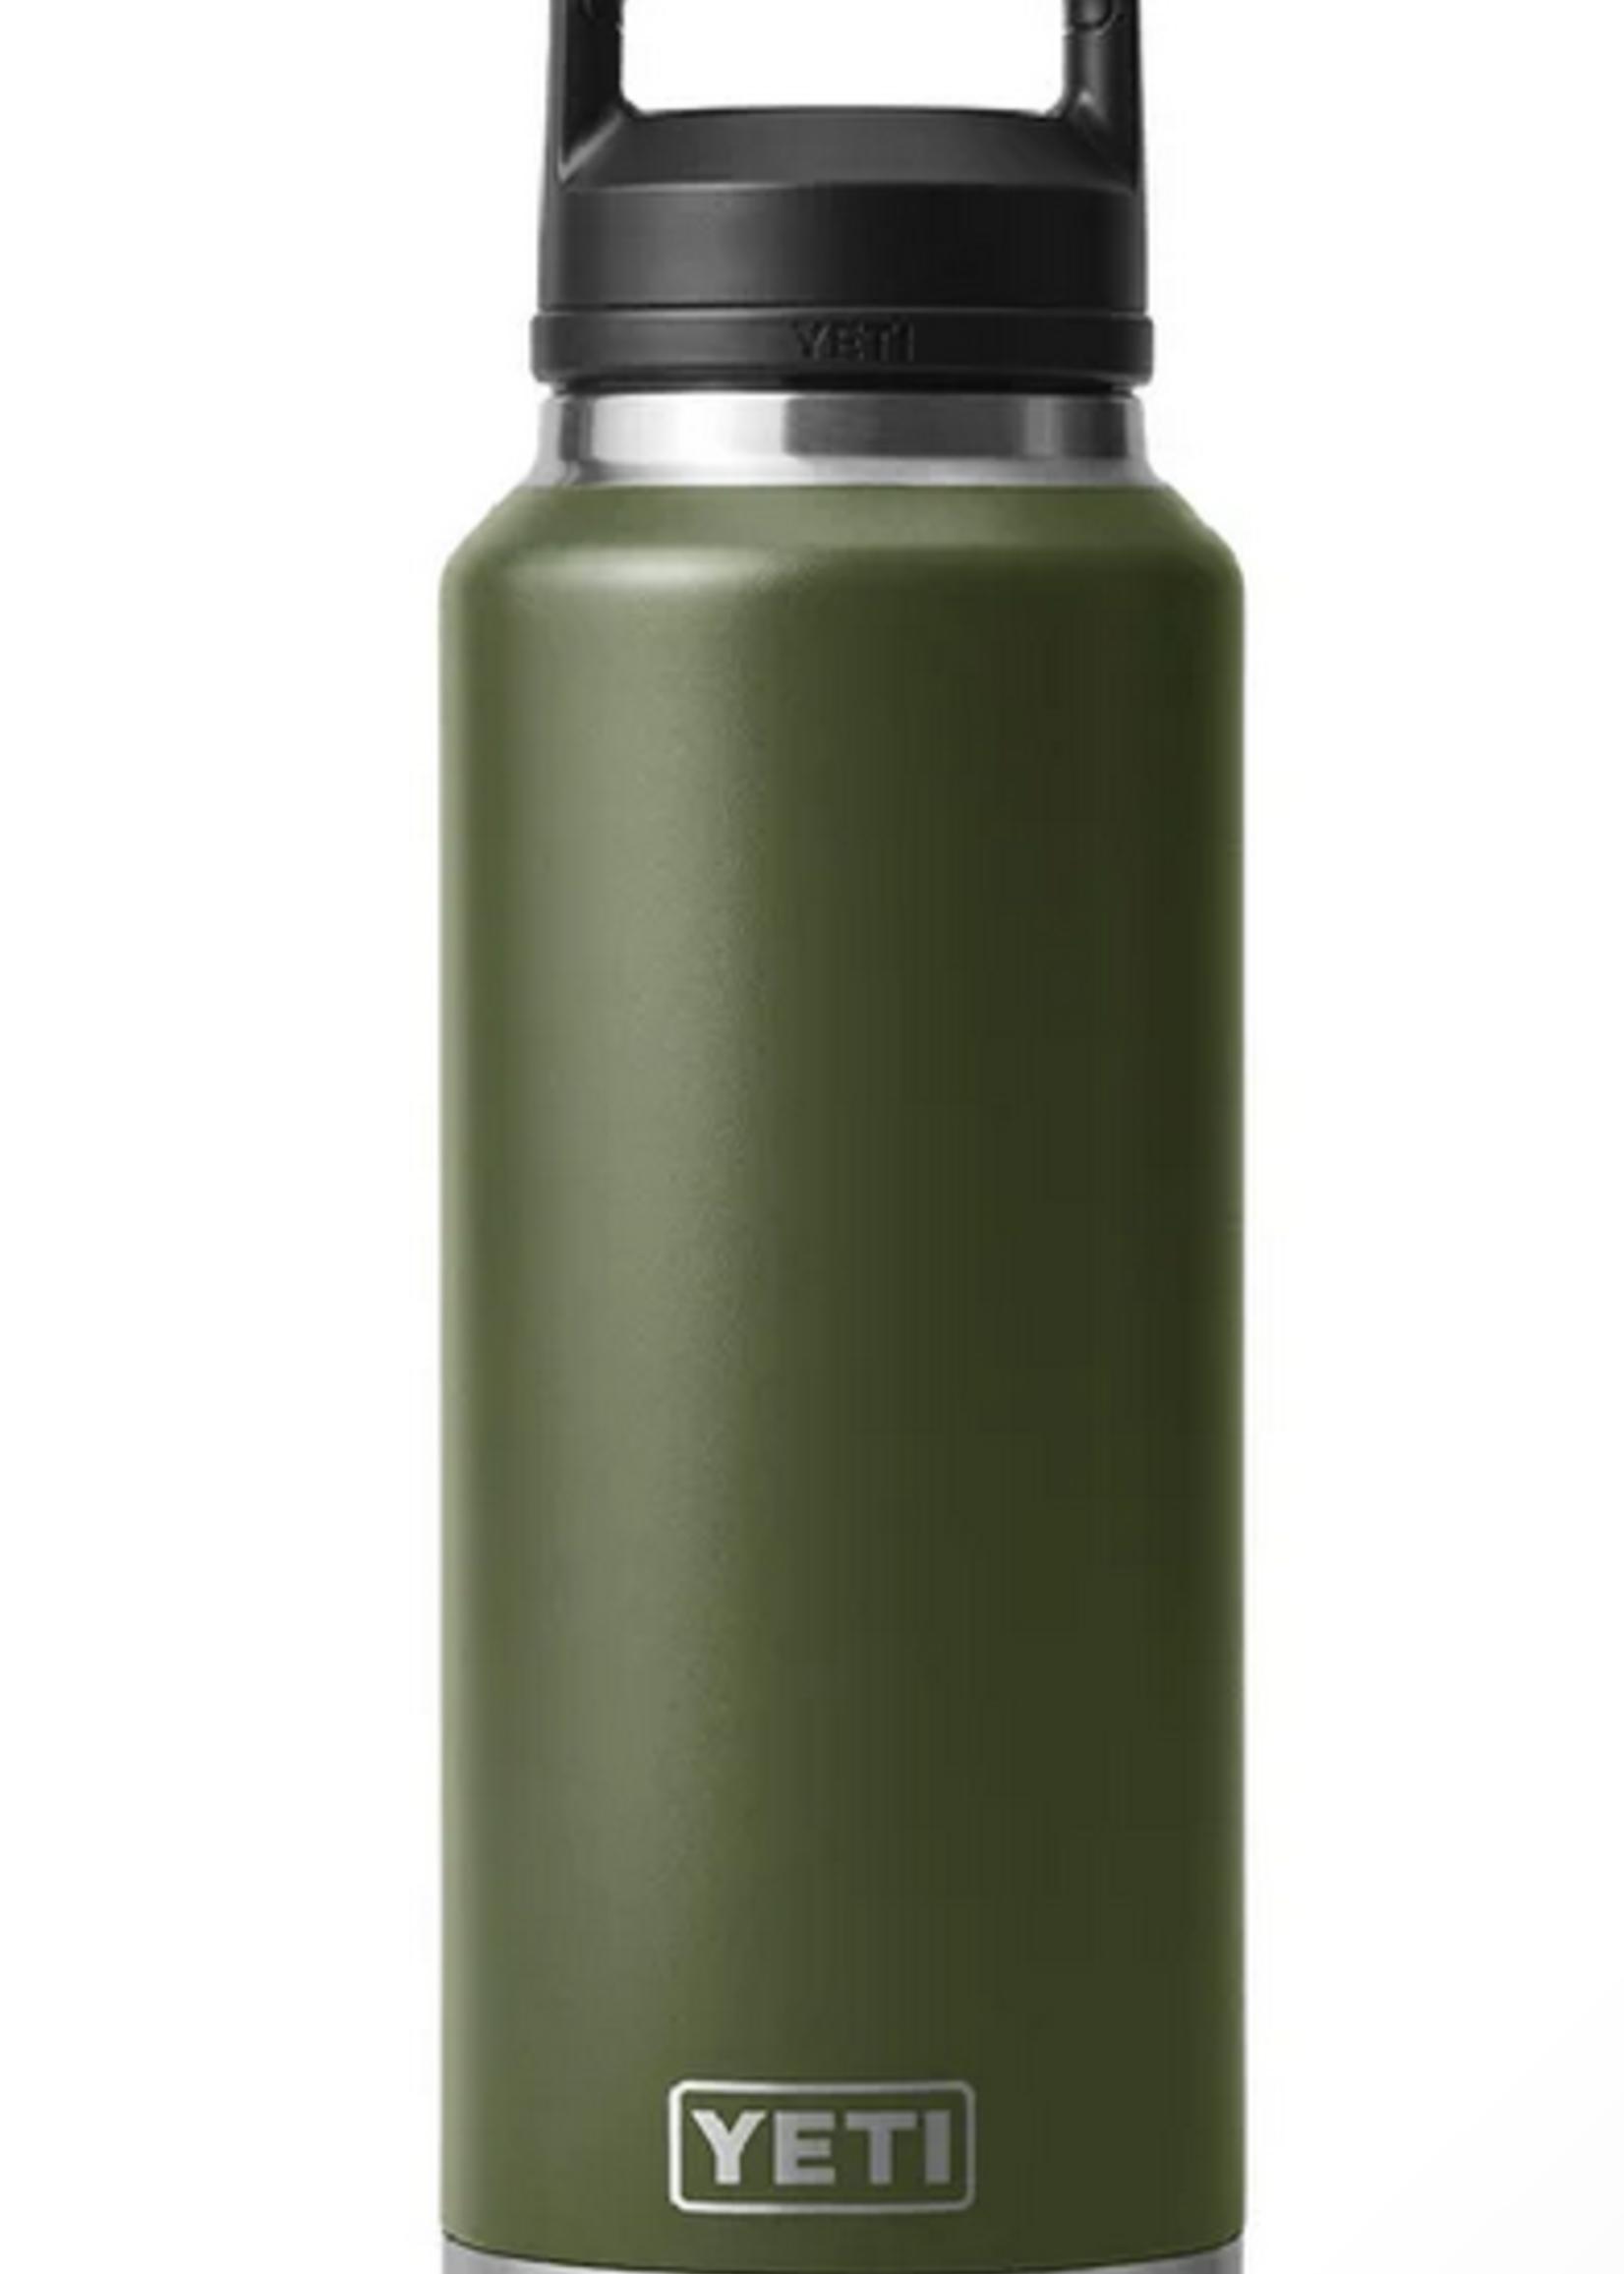 YETI Highlands Olive 46 oz Rambler Bottle